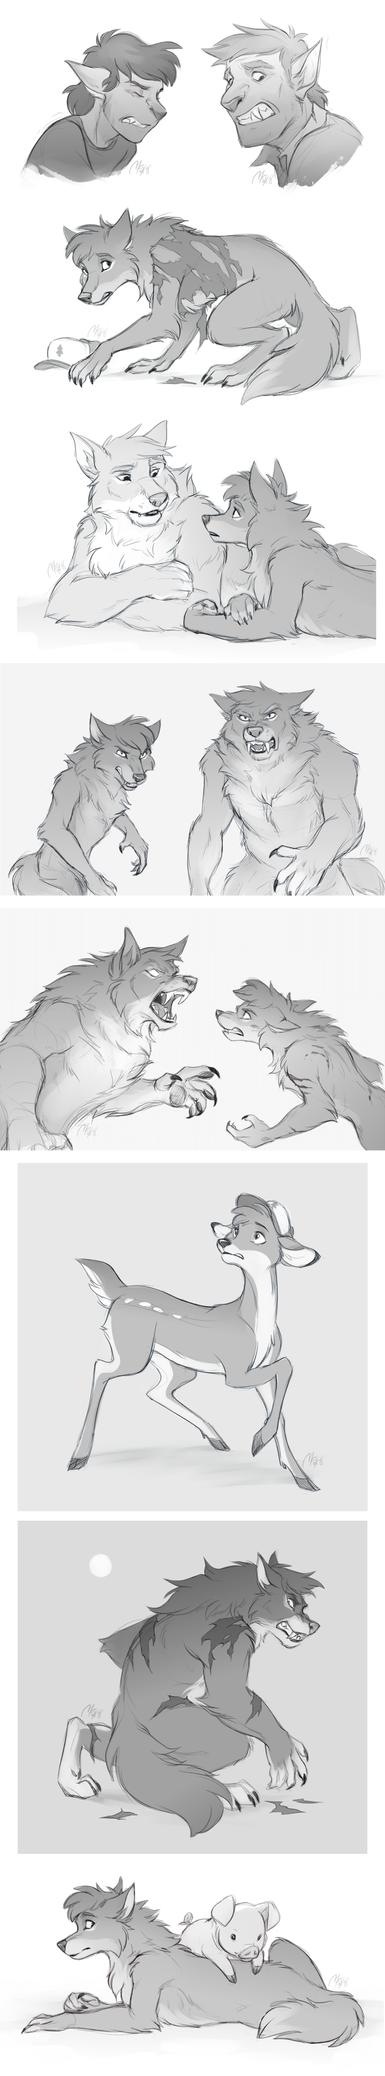 CM - Werewolf Falls sketches by Mistrel-Fox